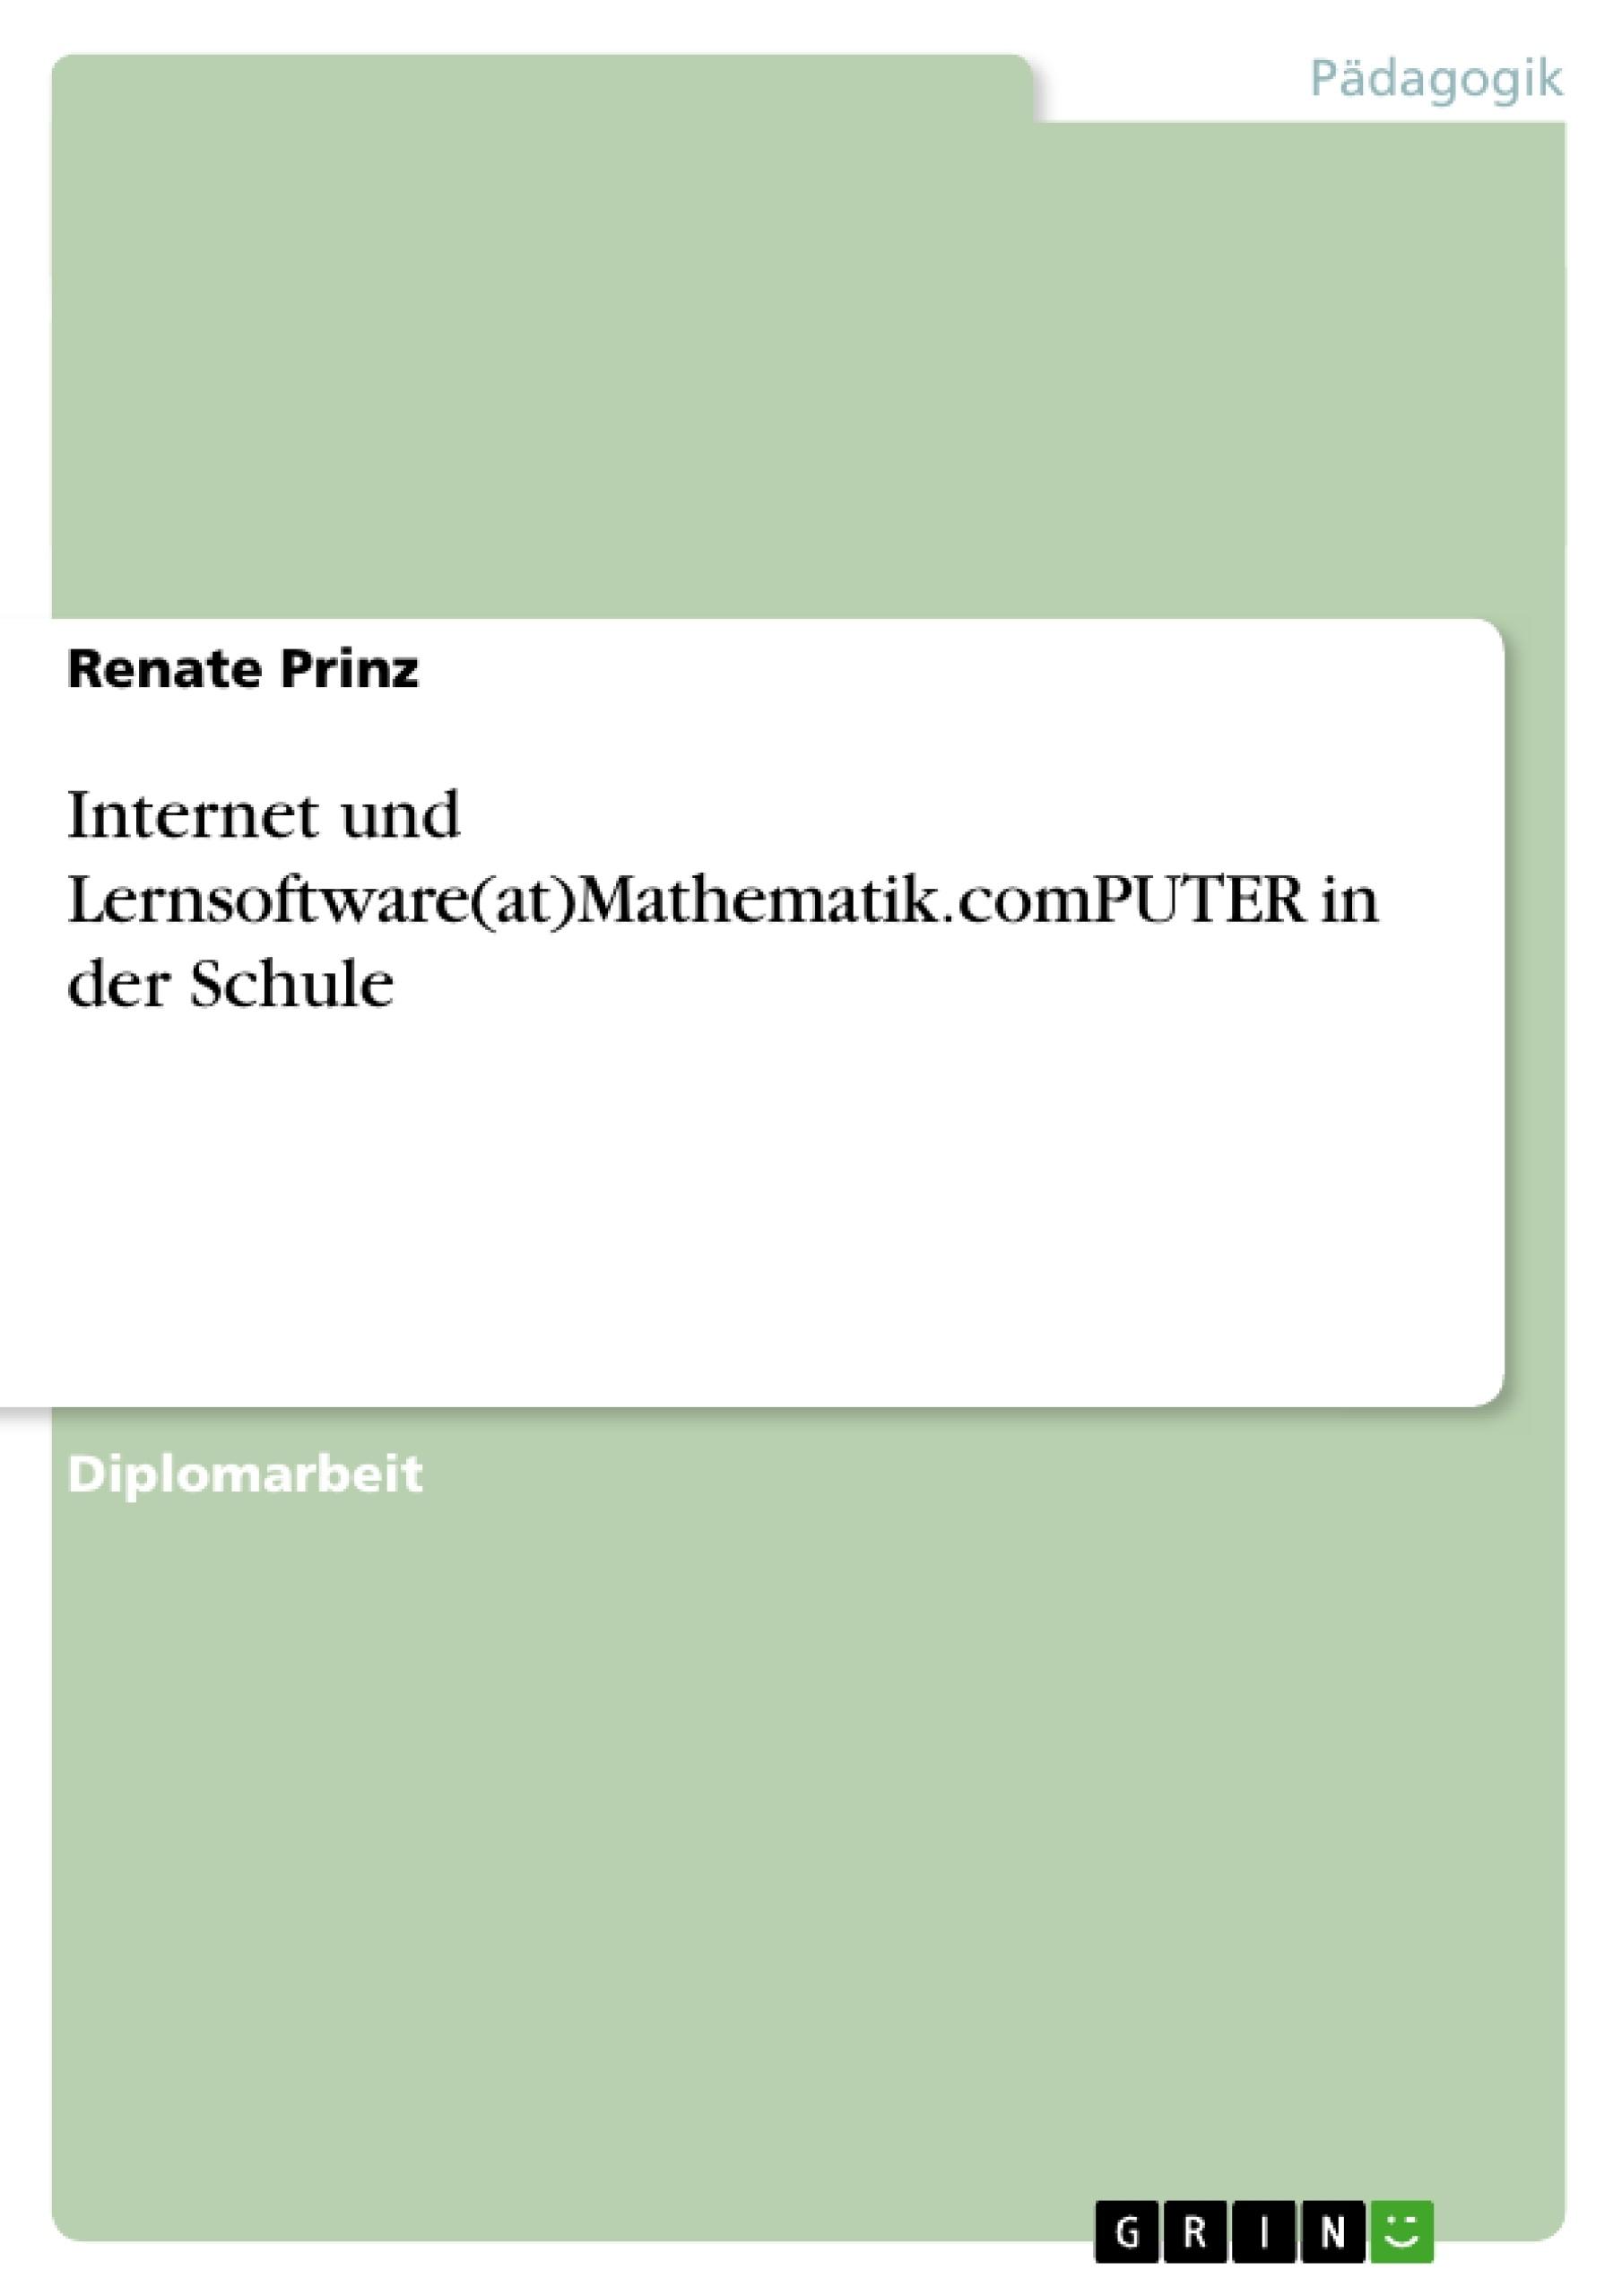 Titel: Internet und Lernsoftware(at)Mathematik.comPUTER in der Schule